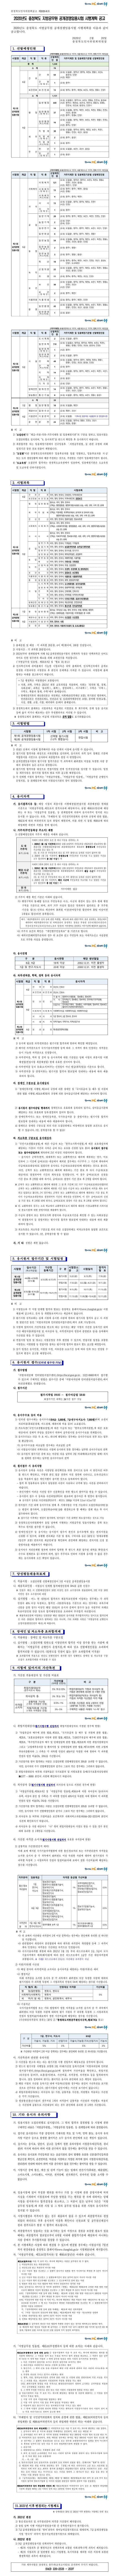 200220_충북_공고문(0).jpg